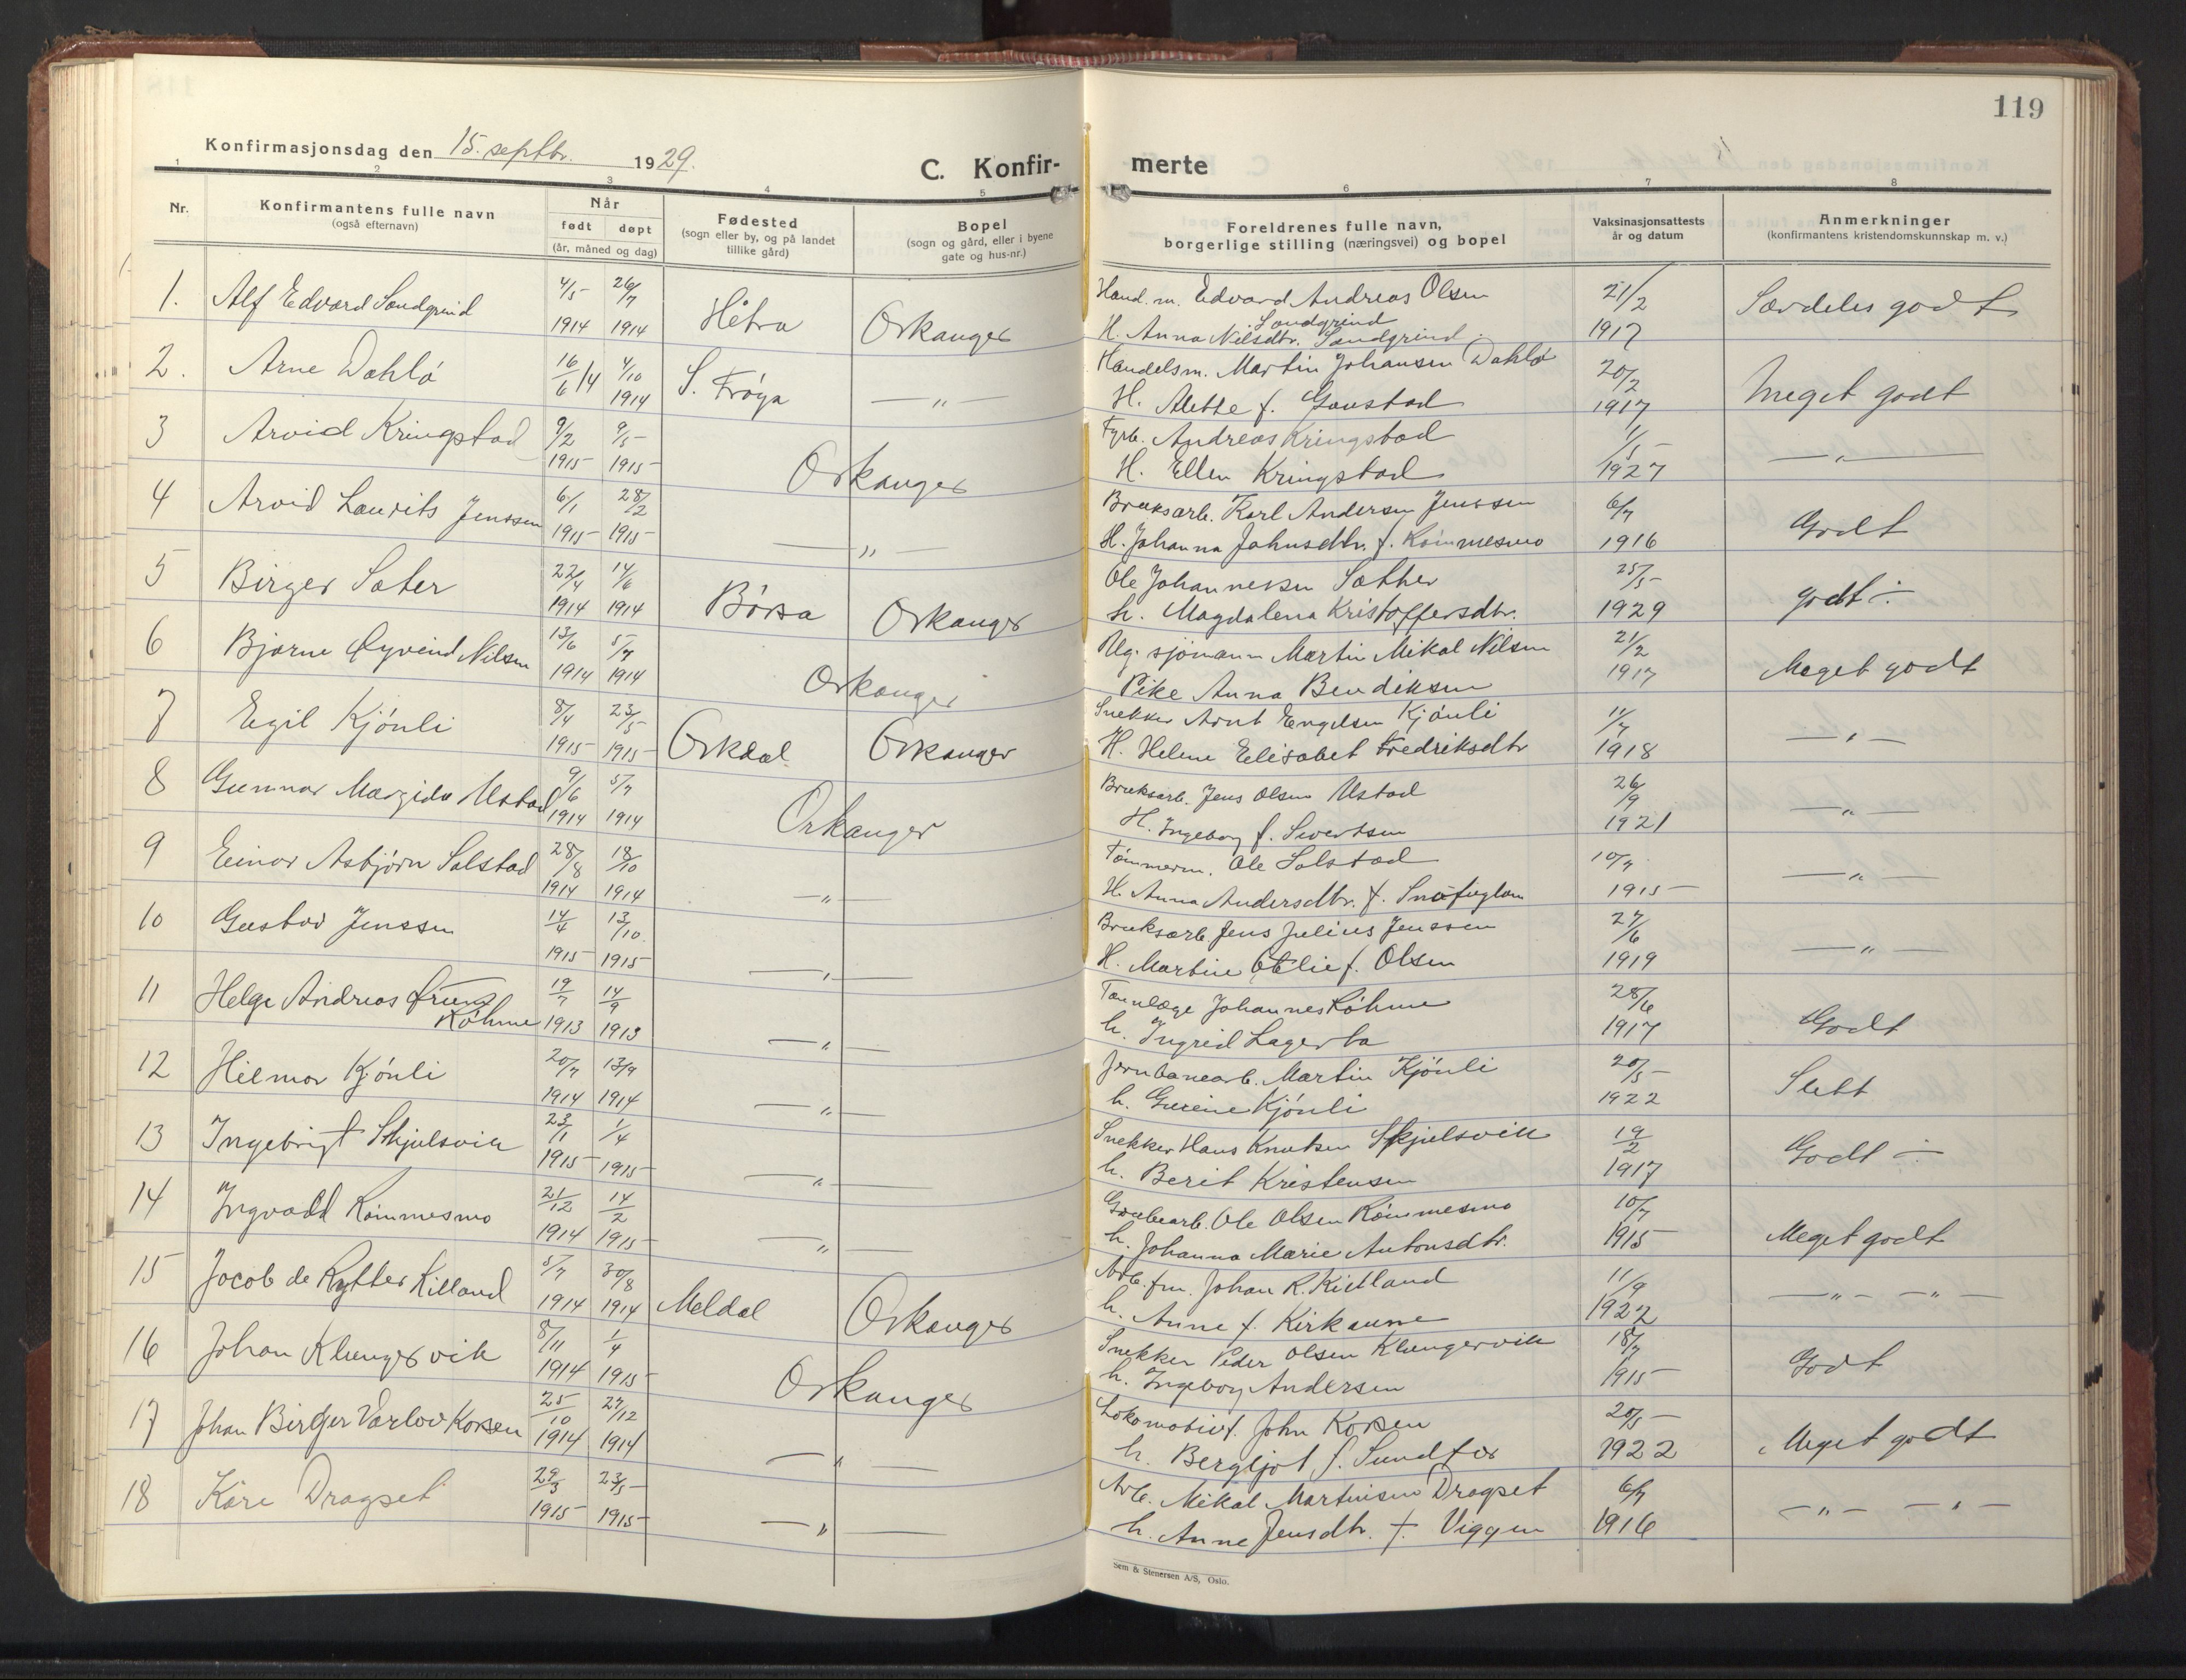 SAT, Ministerialprotokoller, klokkerbøker og fødselsregistre - Sør-Trøndelag, 669/L0832: Klokkerbok nr. 669C02, 1925-1953, s. 119